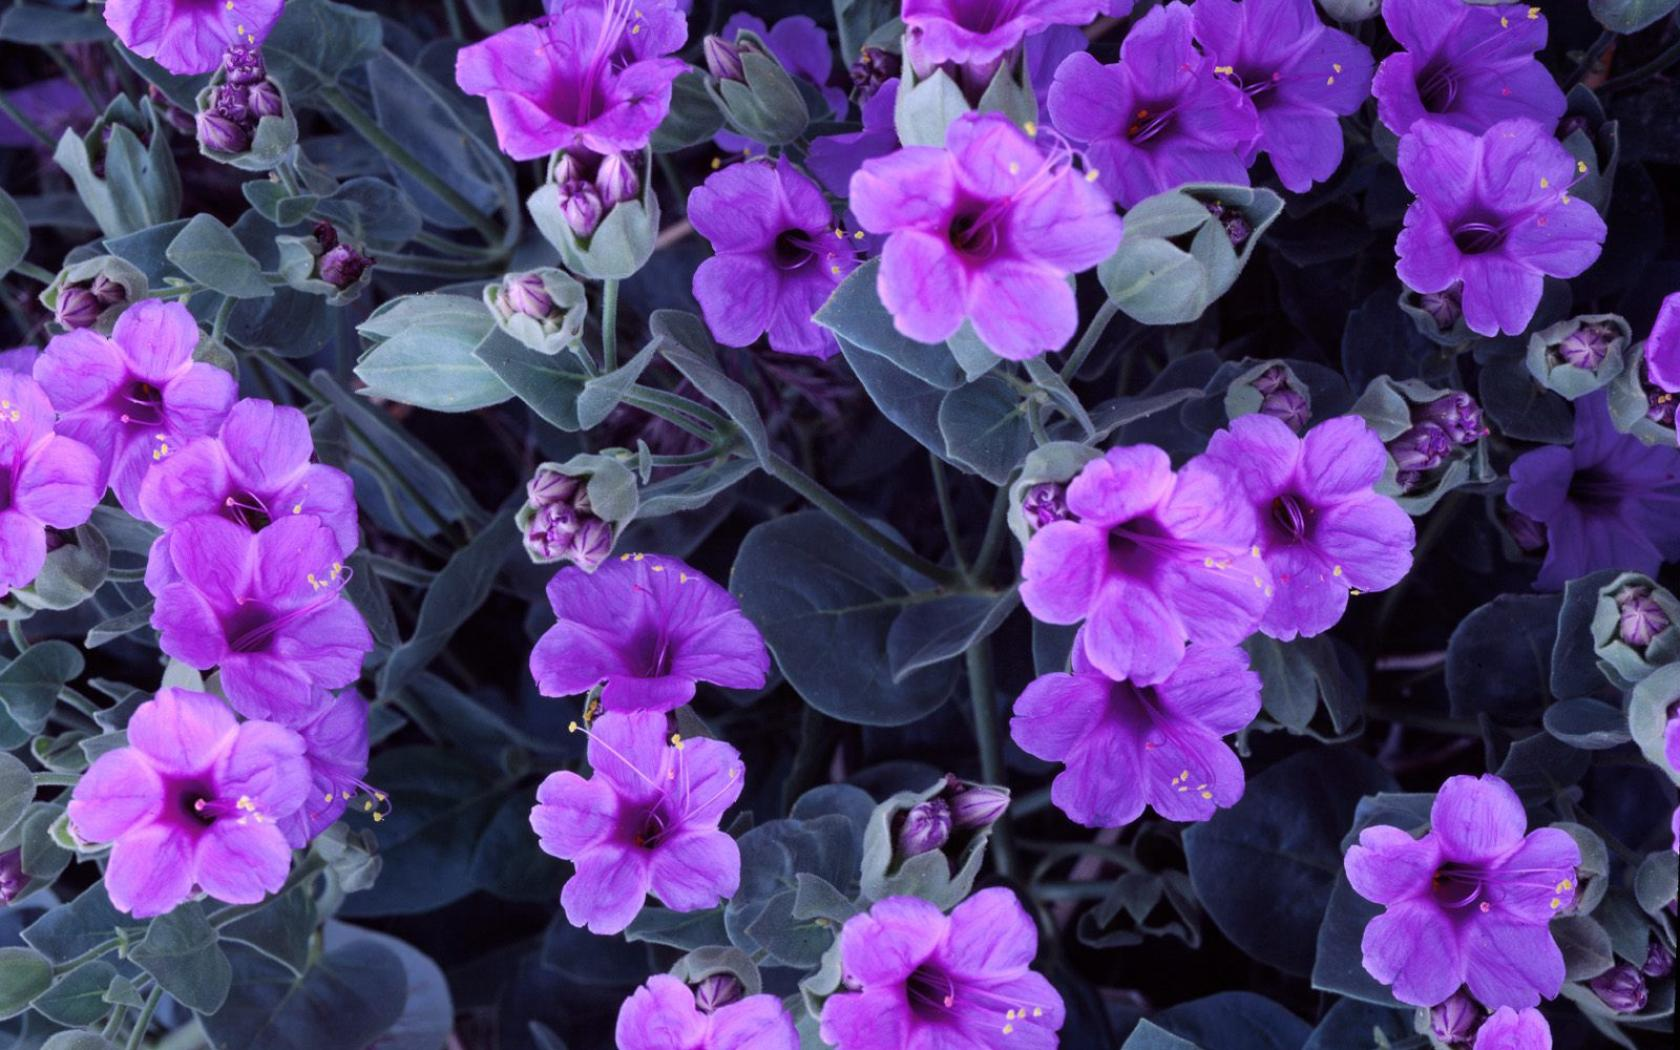 Funny Purple Flowers Hd Wallpaper: Purple Flower Wallpapers Hd 35 Hd Wallpaper